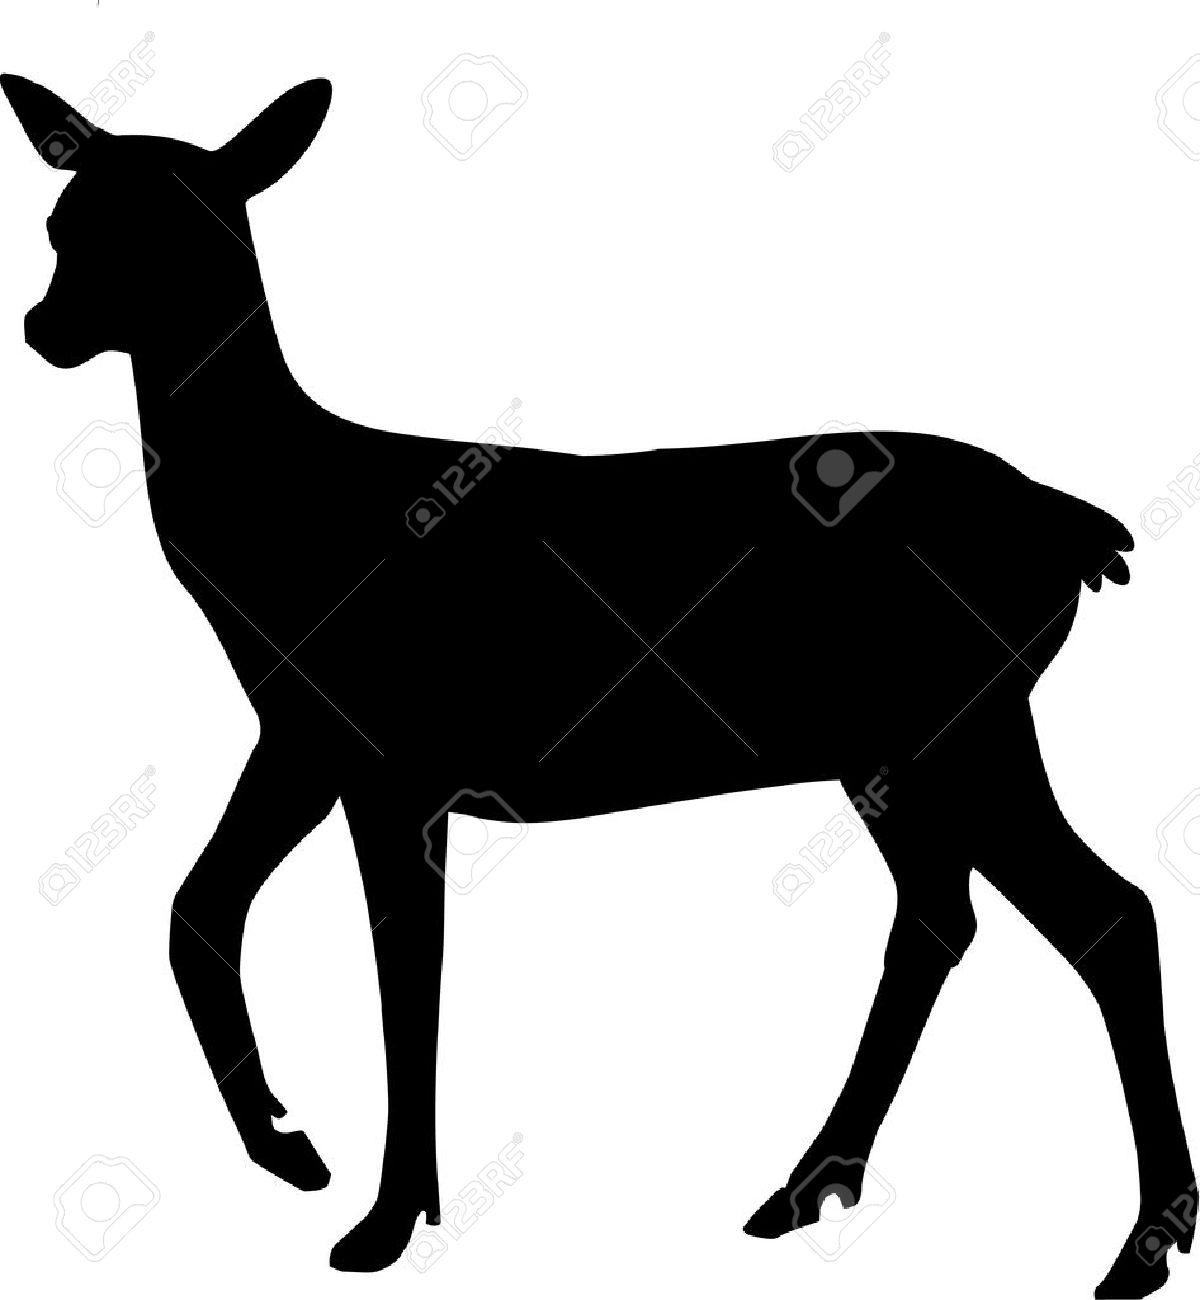 Silhouette of Roe Deer - 41493110